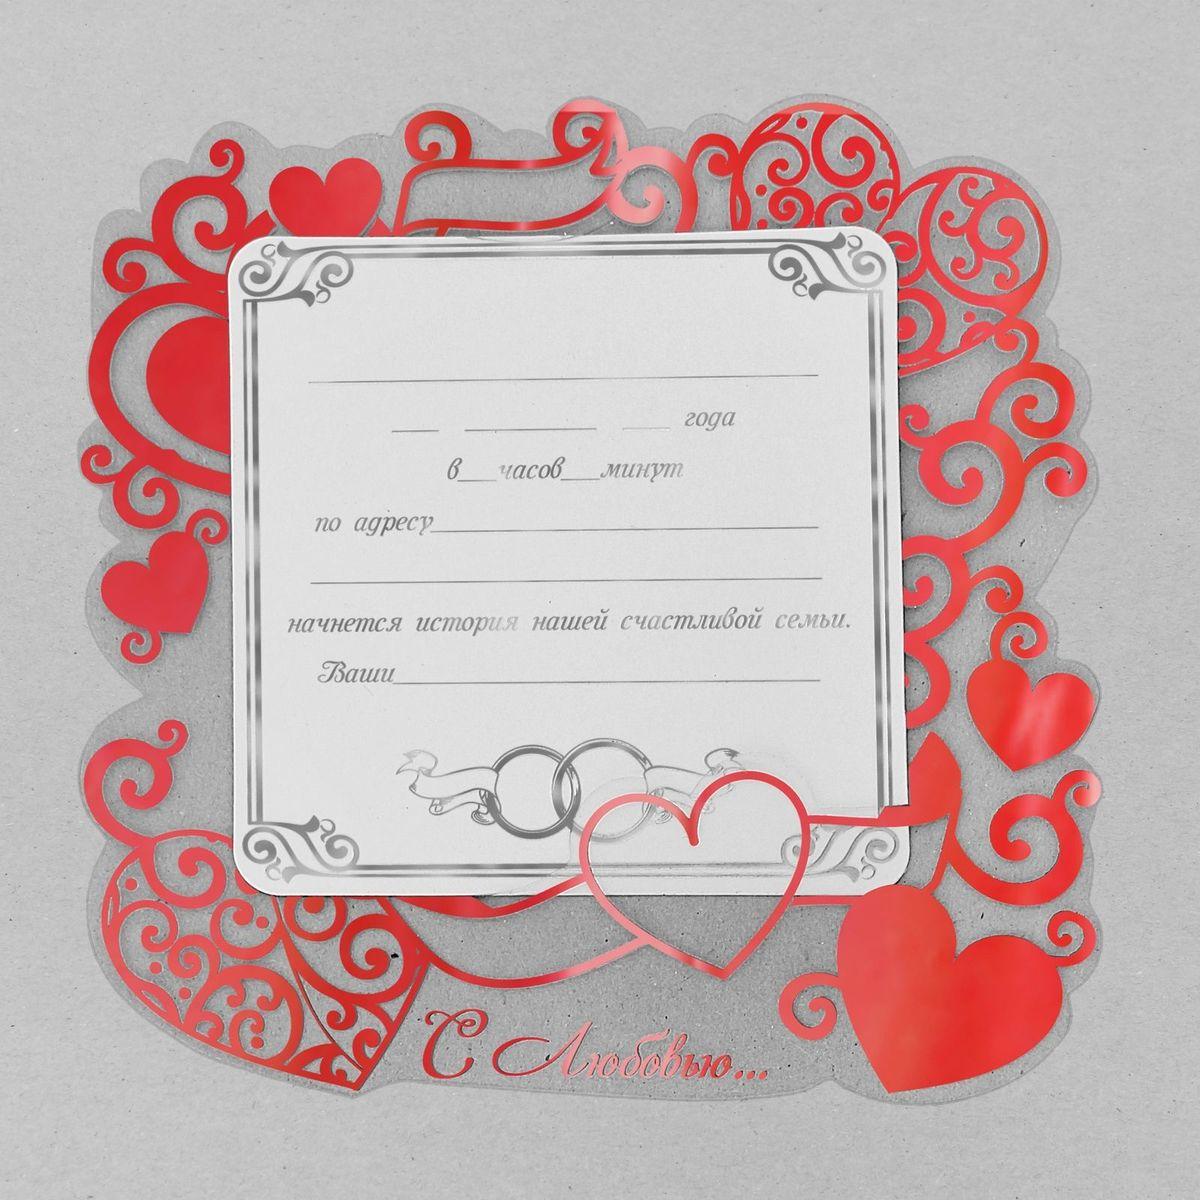 Sima-land Свадебные приглашения С Любовью..., 12 х 12 см161209Свадьба — одно из главных событий в жизни каждого человека. Для идеального торжества необходимо продумать каждую мелочь. Родным и близким будет приятно получить индивидуальную красивую открытку с эксклюзивным дизайном.